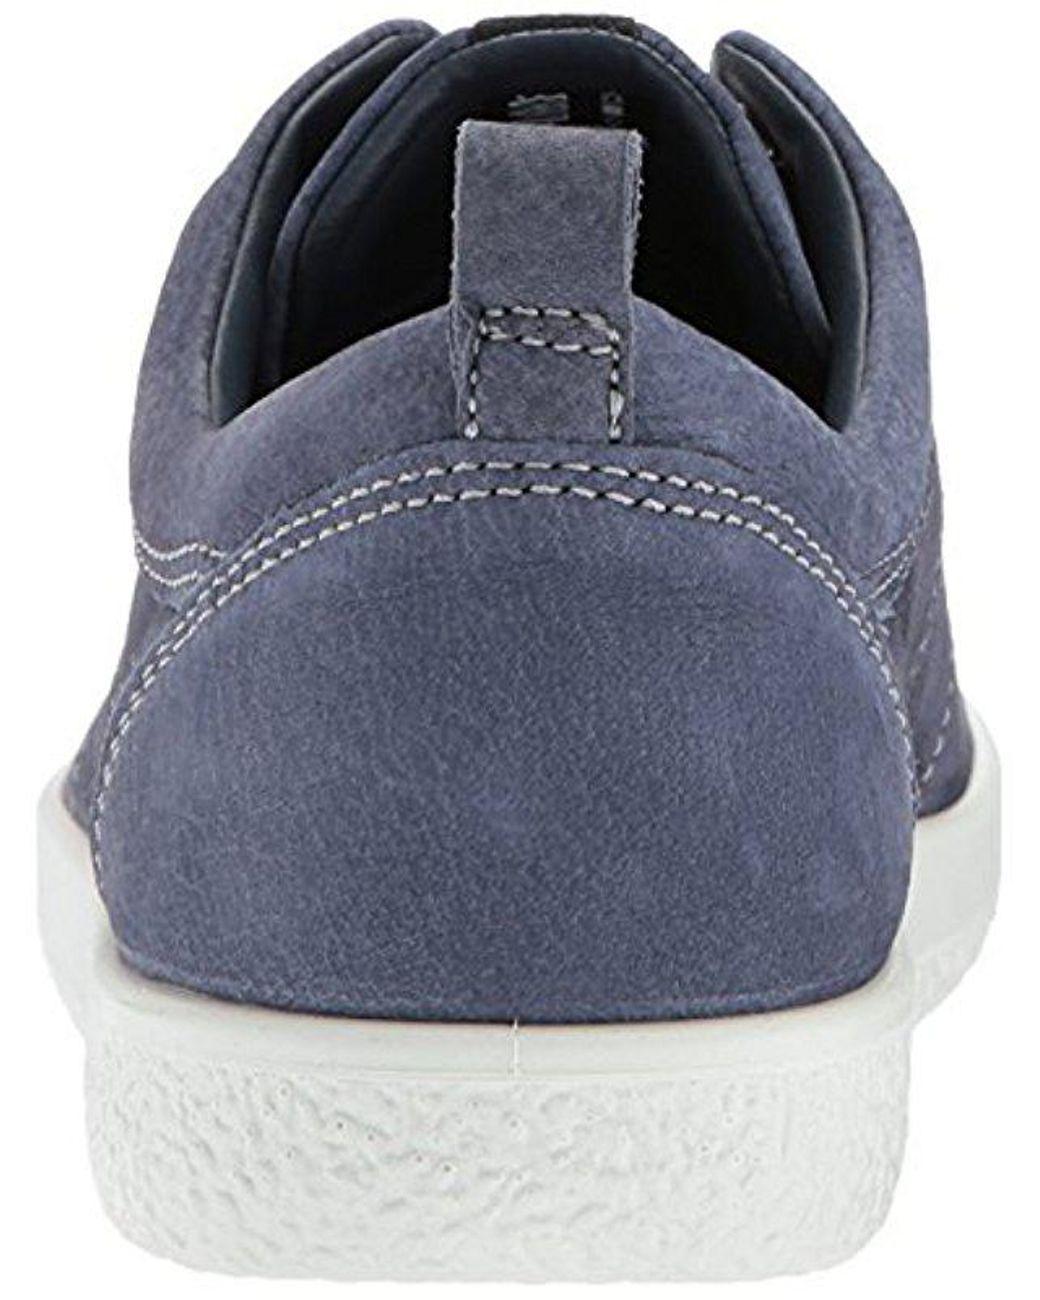 Amazon 1 Day ECCO footwear sale from $52: sneakers, dress